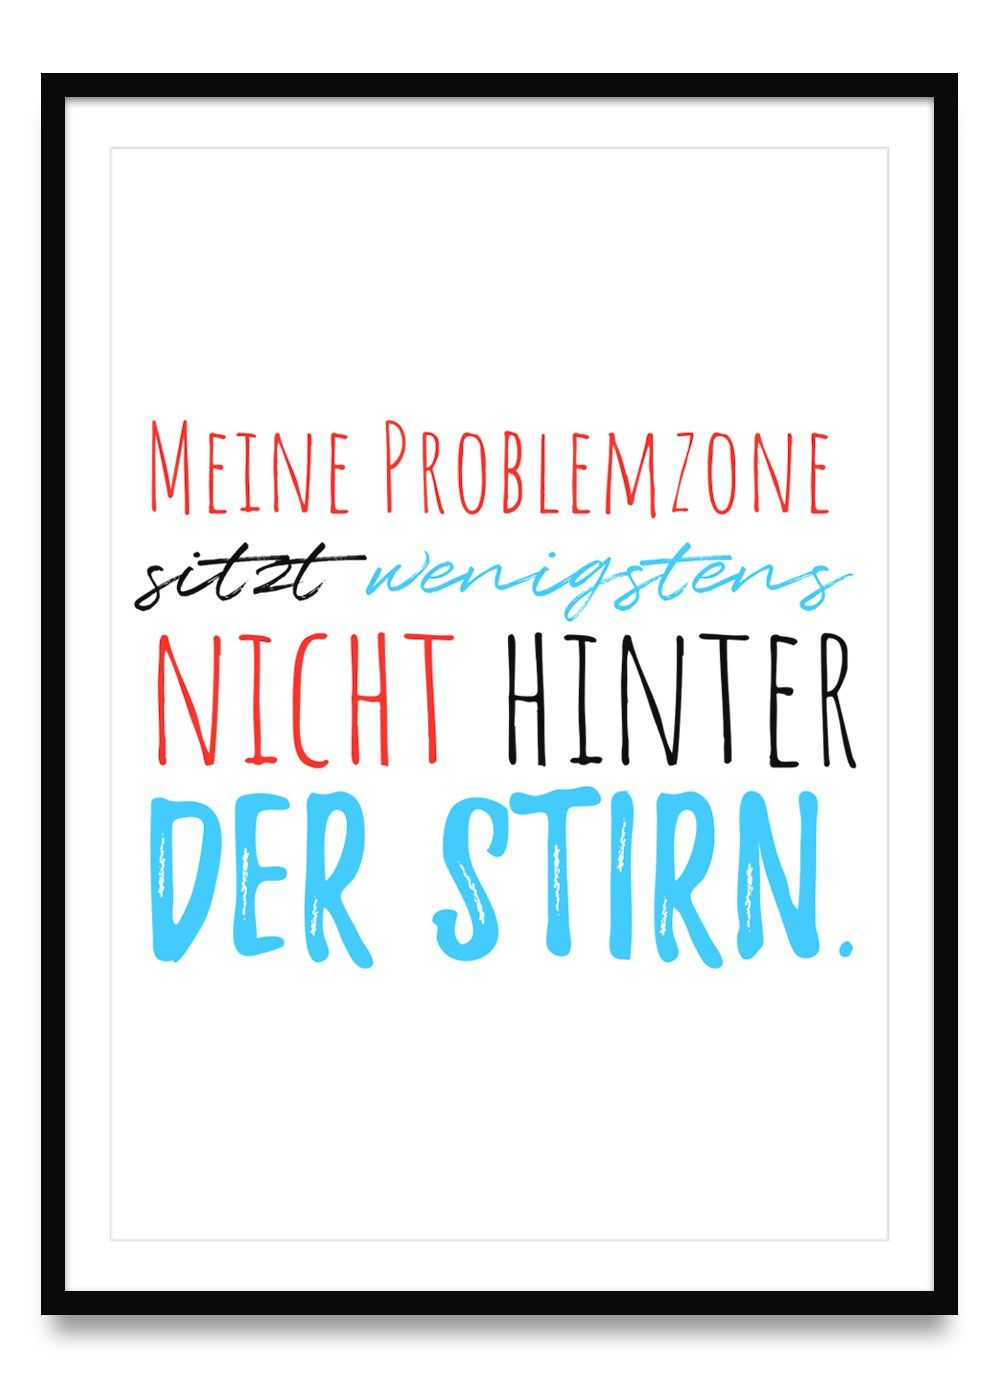 Meine Problemzone sitzt wenigstens nicht hinter der Stirn - Poster in den Größen Din A2, A3 und A4 | Ulrike Wathling